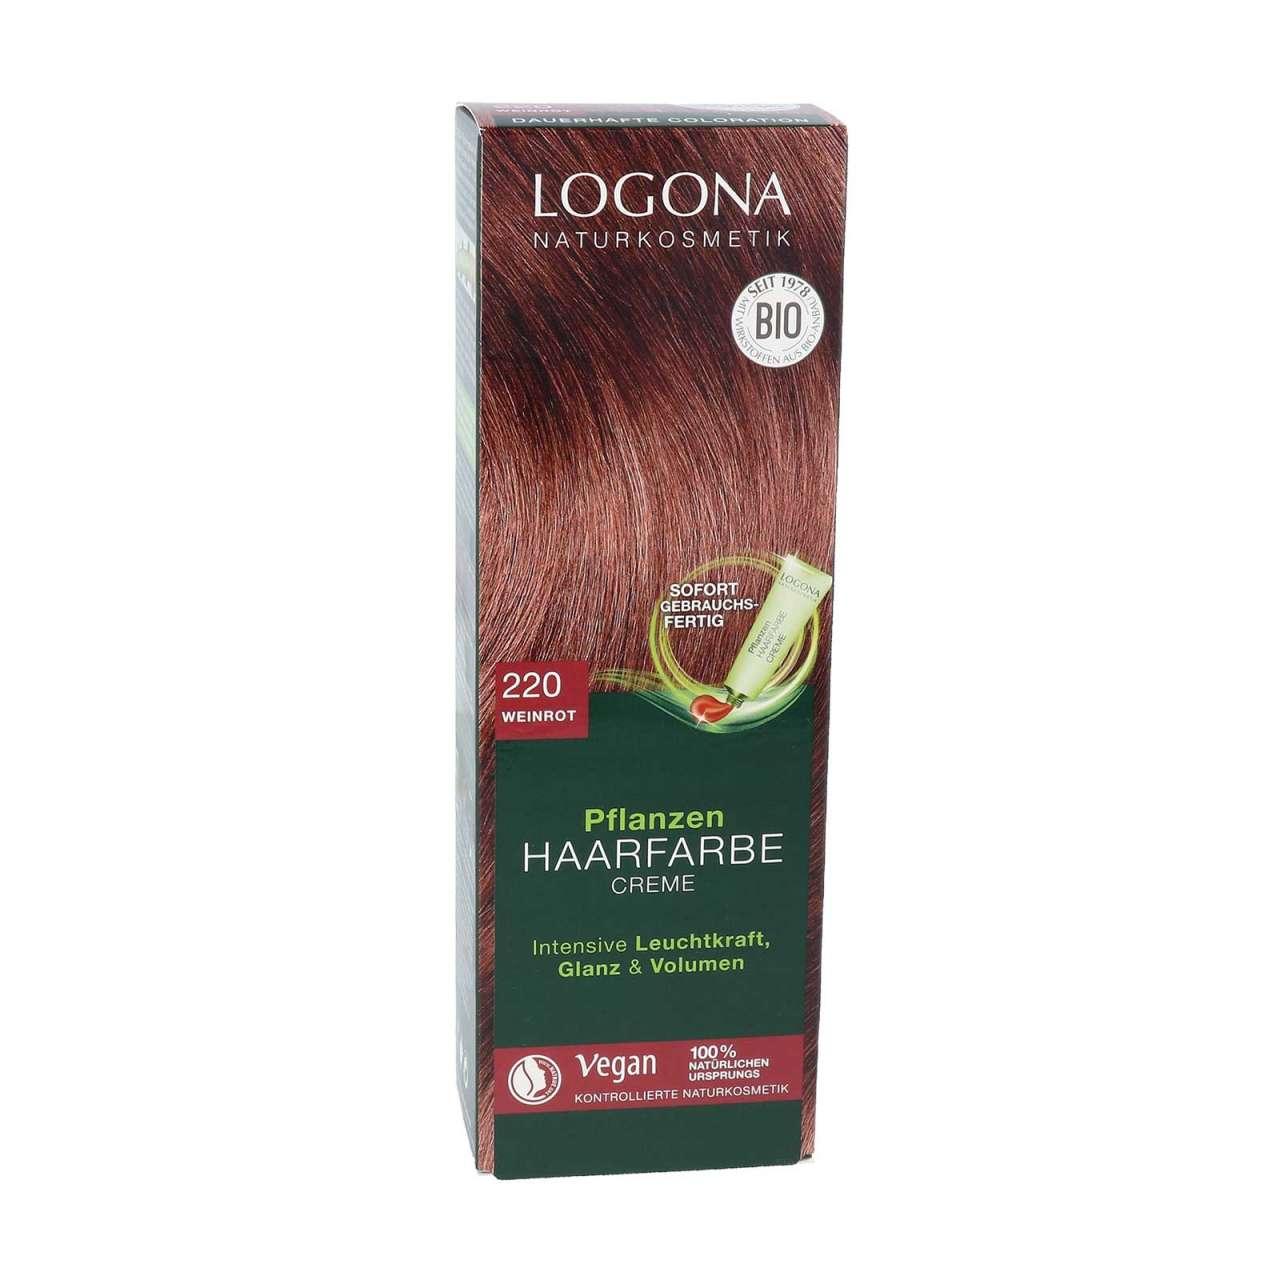 Pflanzliches Haarfärbemittel Natur Haarfarbe Ohne Chemie Purenature